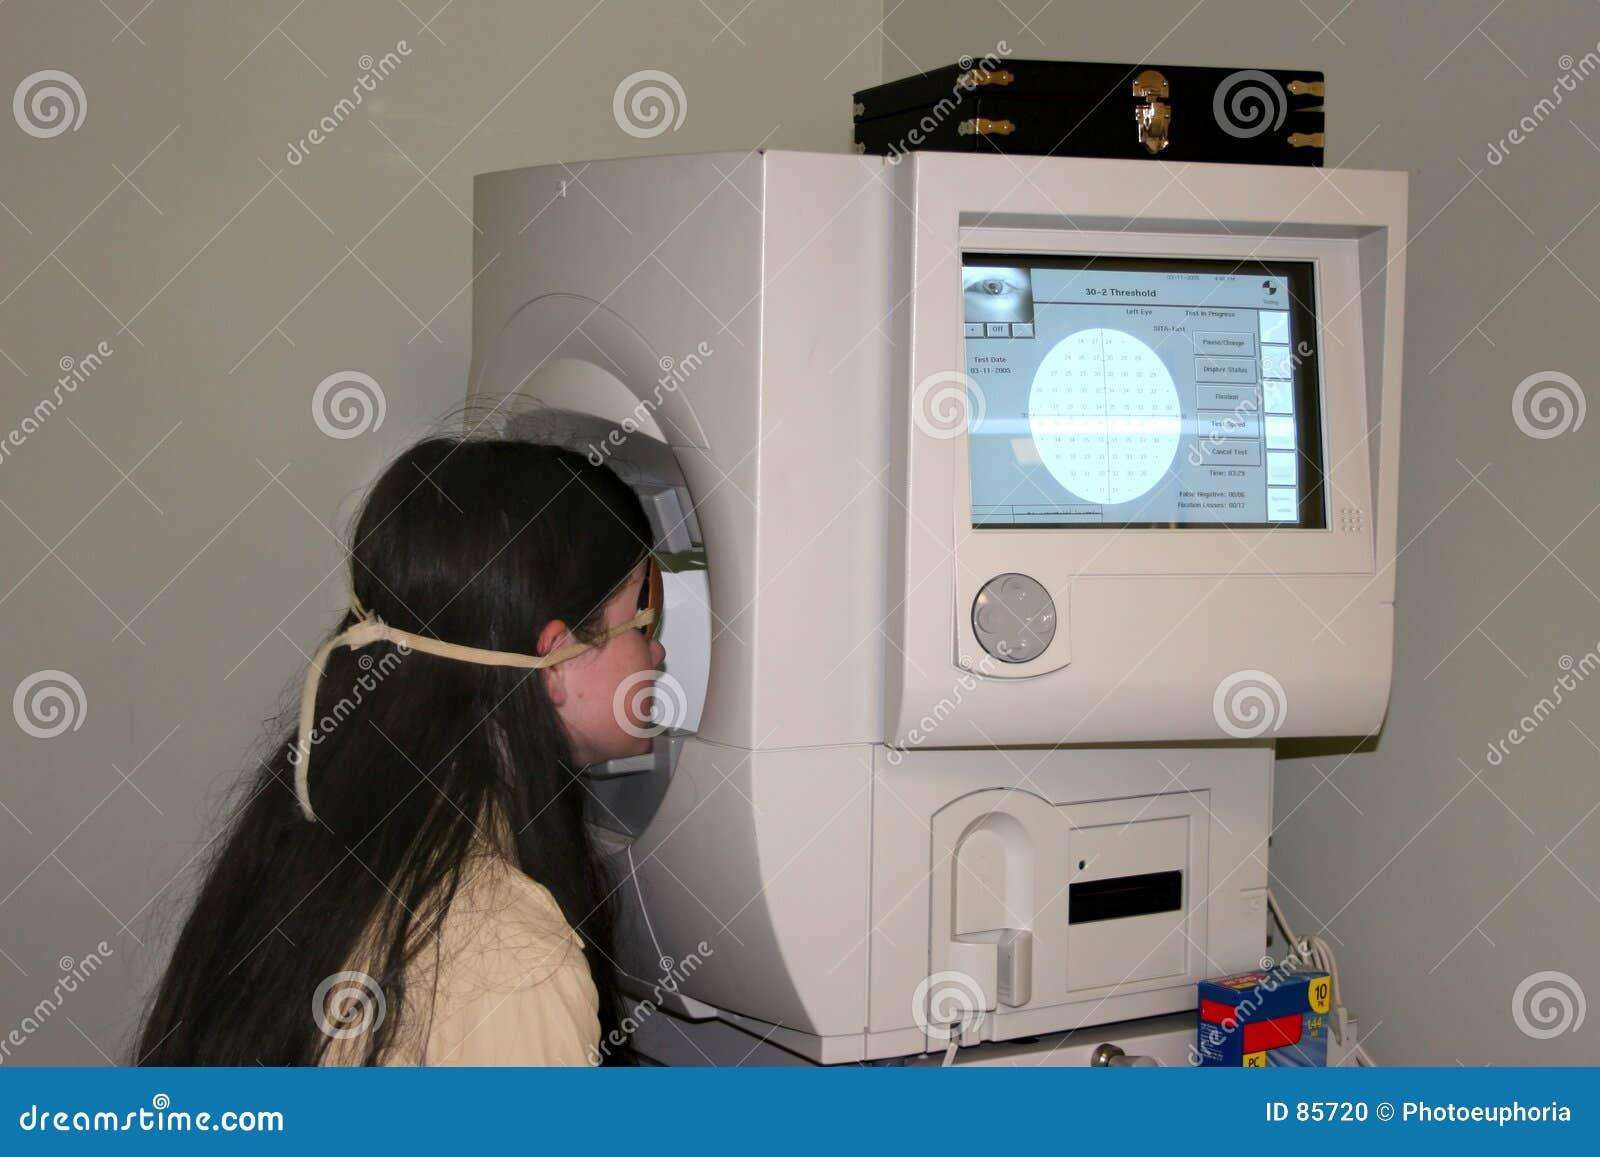 Weź dziecko pole wizję testowego